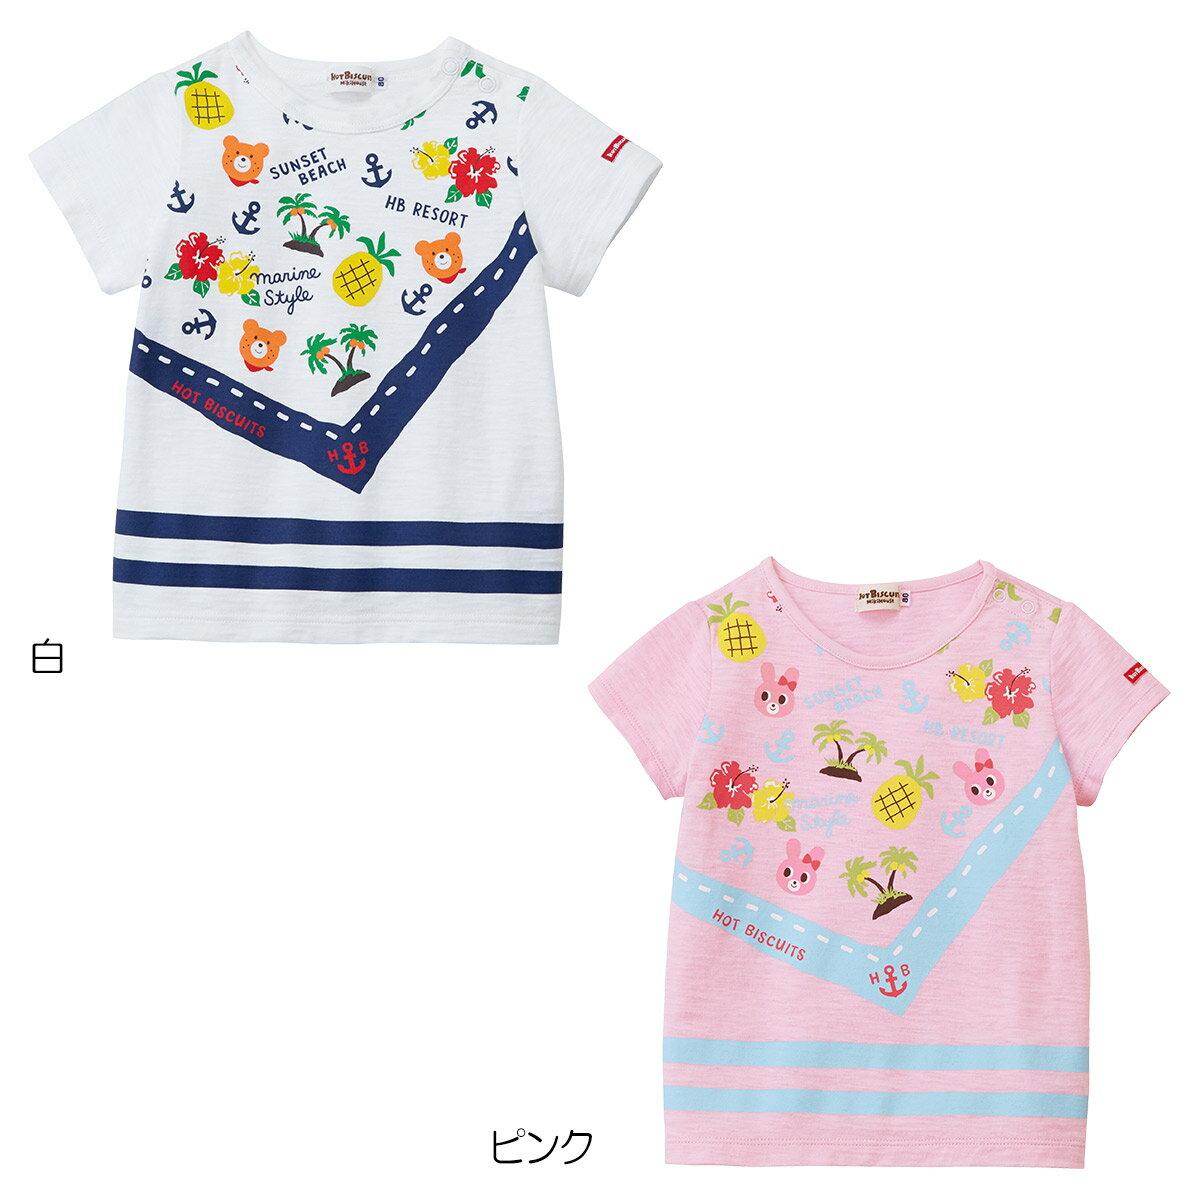 ミキハウス ホットビスケッツ mikihouse バンダナプリント半袖Tシャツ(80cm-110cm)